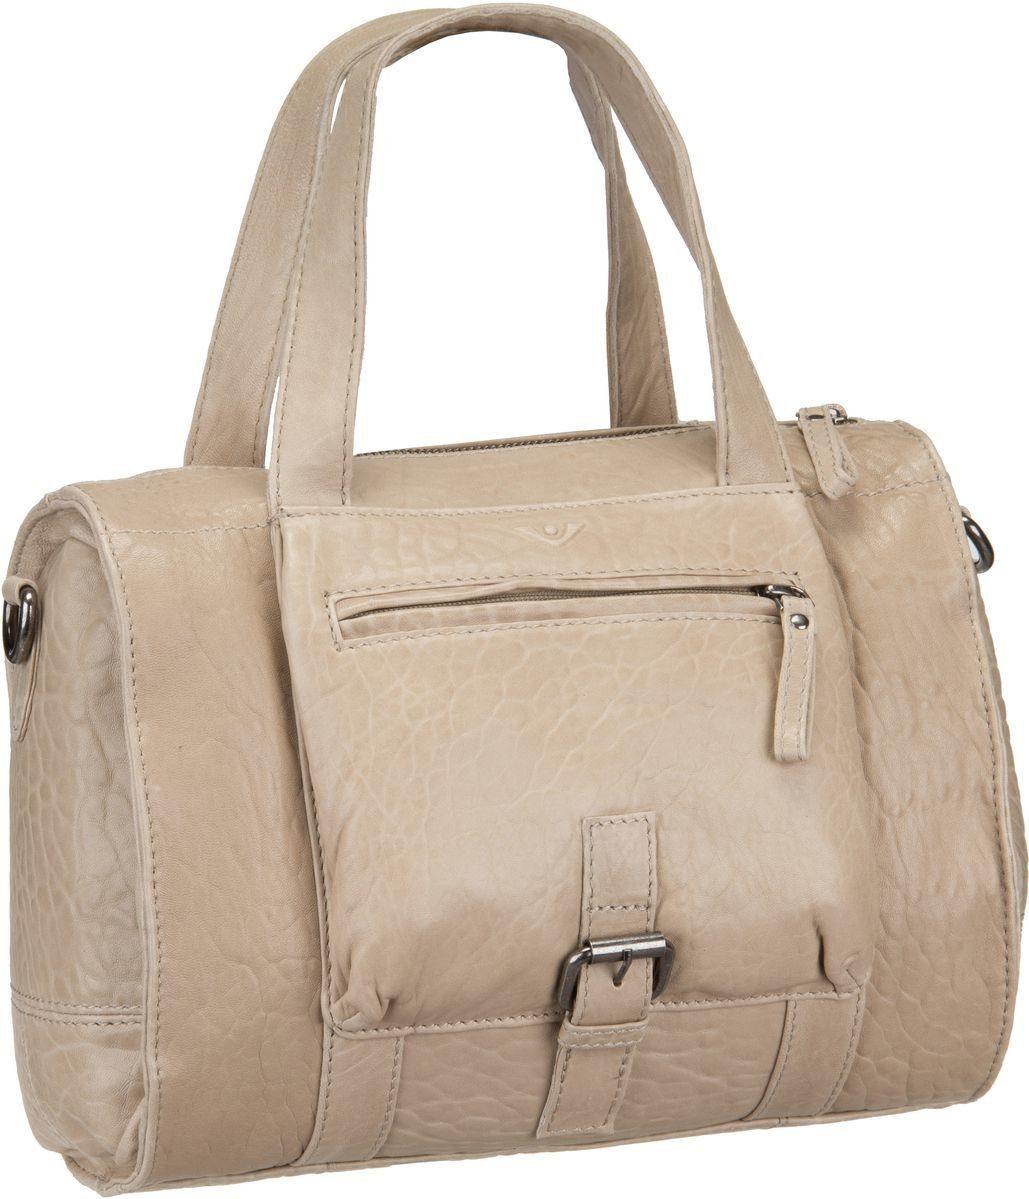 Voi Handtasche »New Zealand 30435 Kurzgrifftasche«